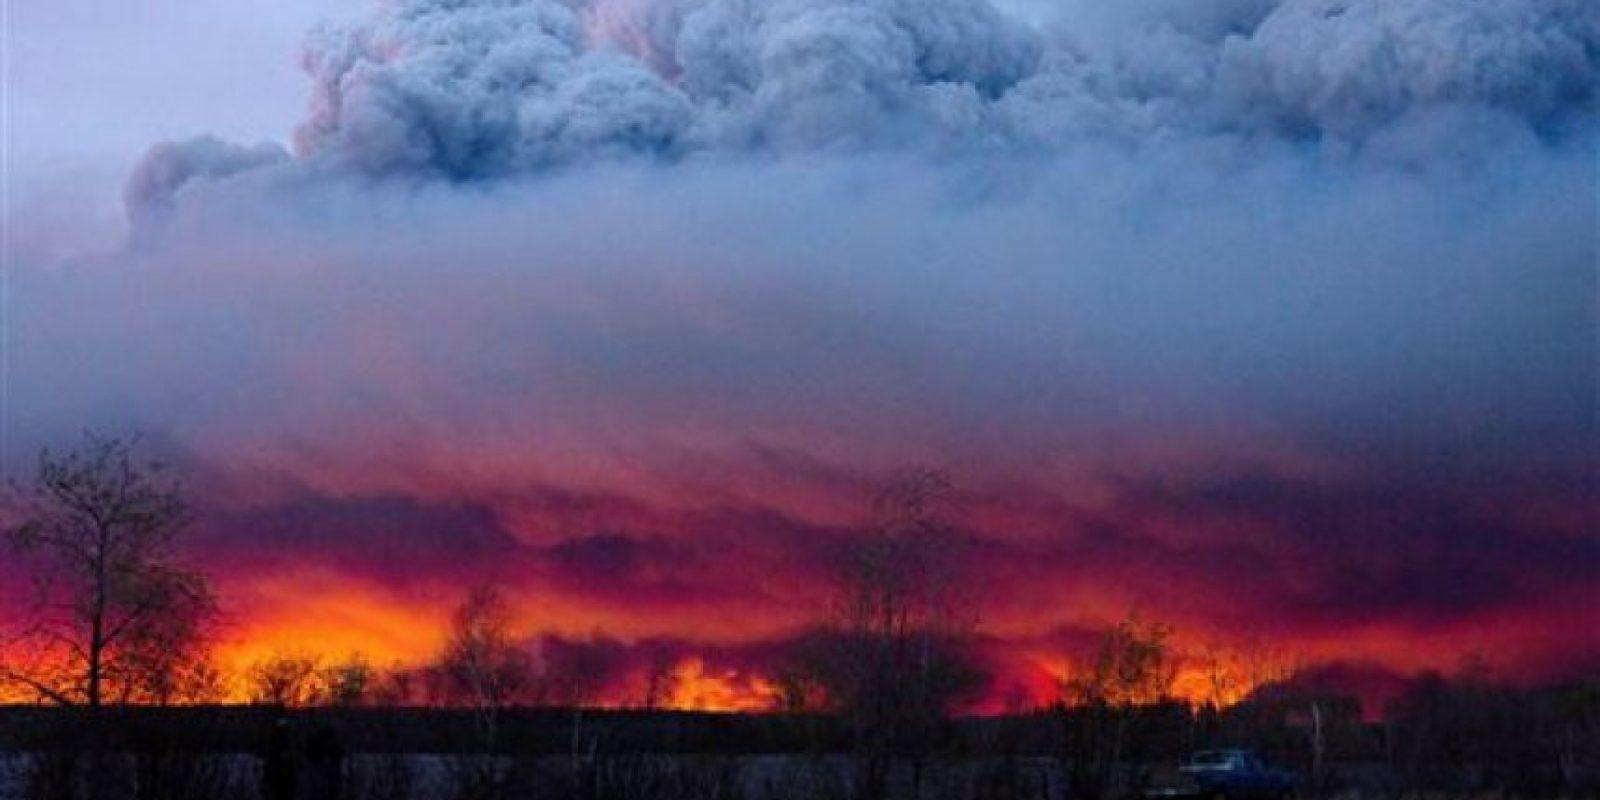 La terrible situación hizo que la autoridades declararan estado de emergencia. Foto:AP. Imagen Por: